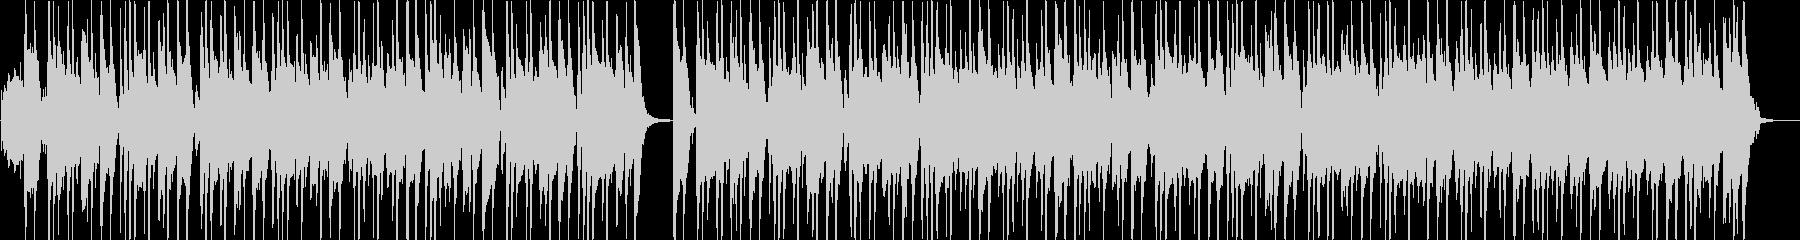 ピアノとバンドサウンドの軽快な曲の未再生の波形